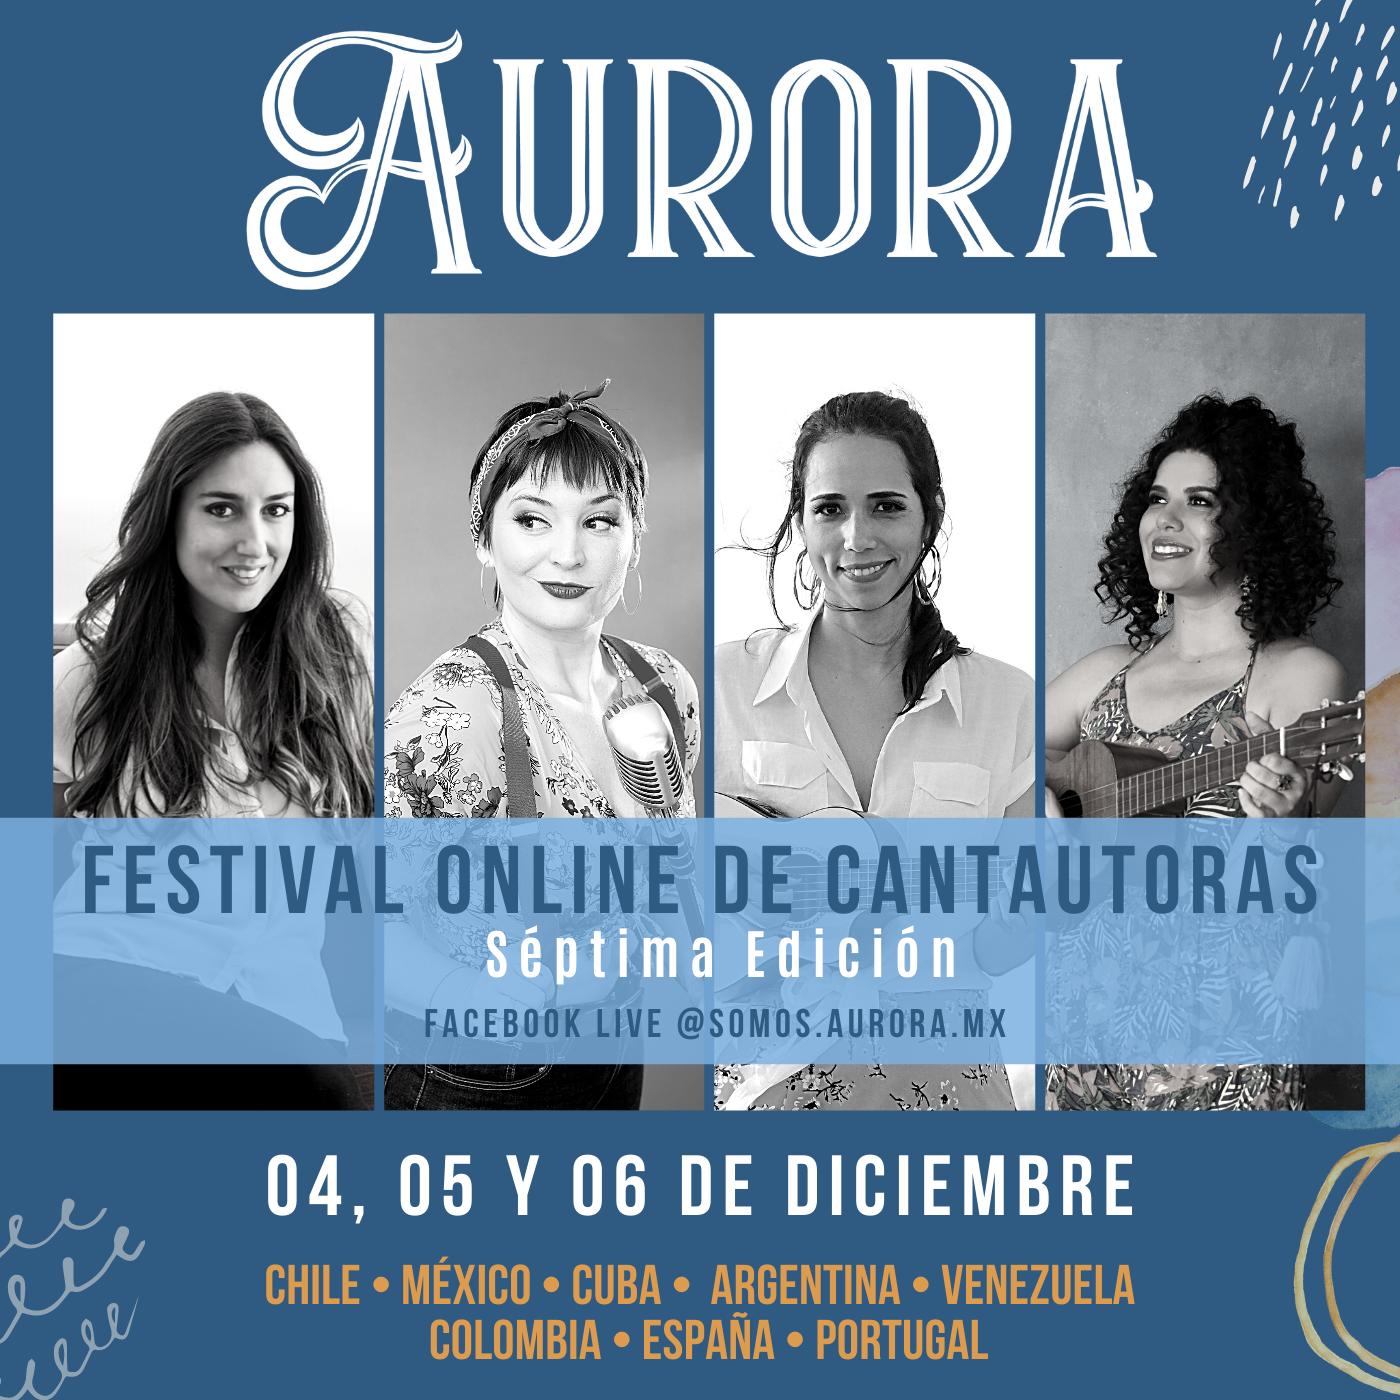 ElFestival Online de Cantautorasde Somos Aurora cierra el 2020 con su séptima y última edición gratuita